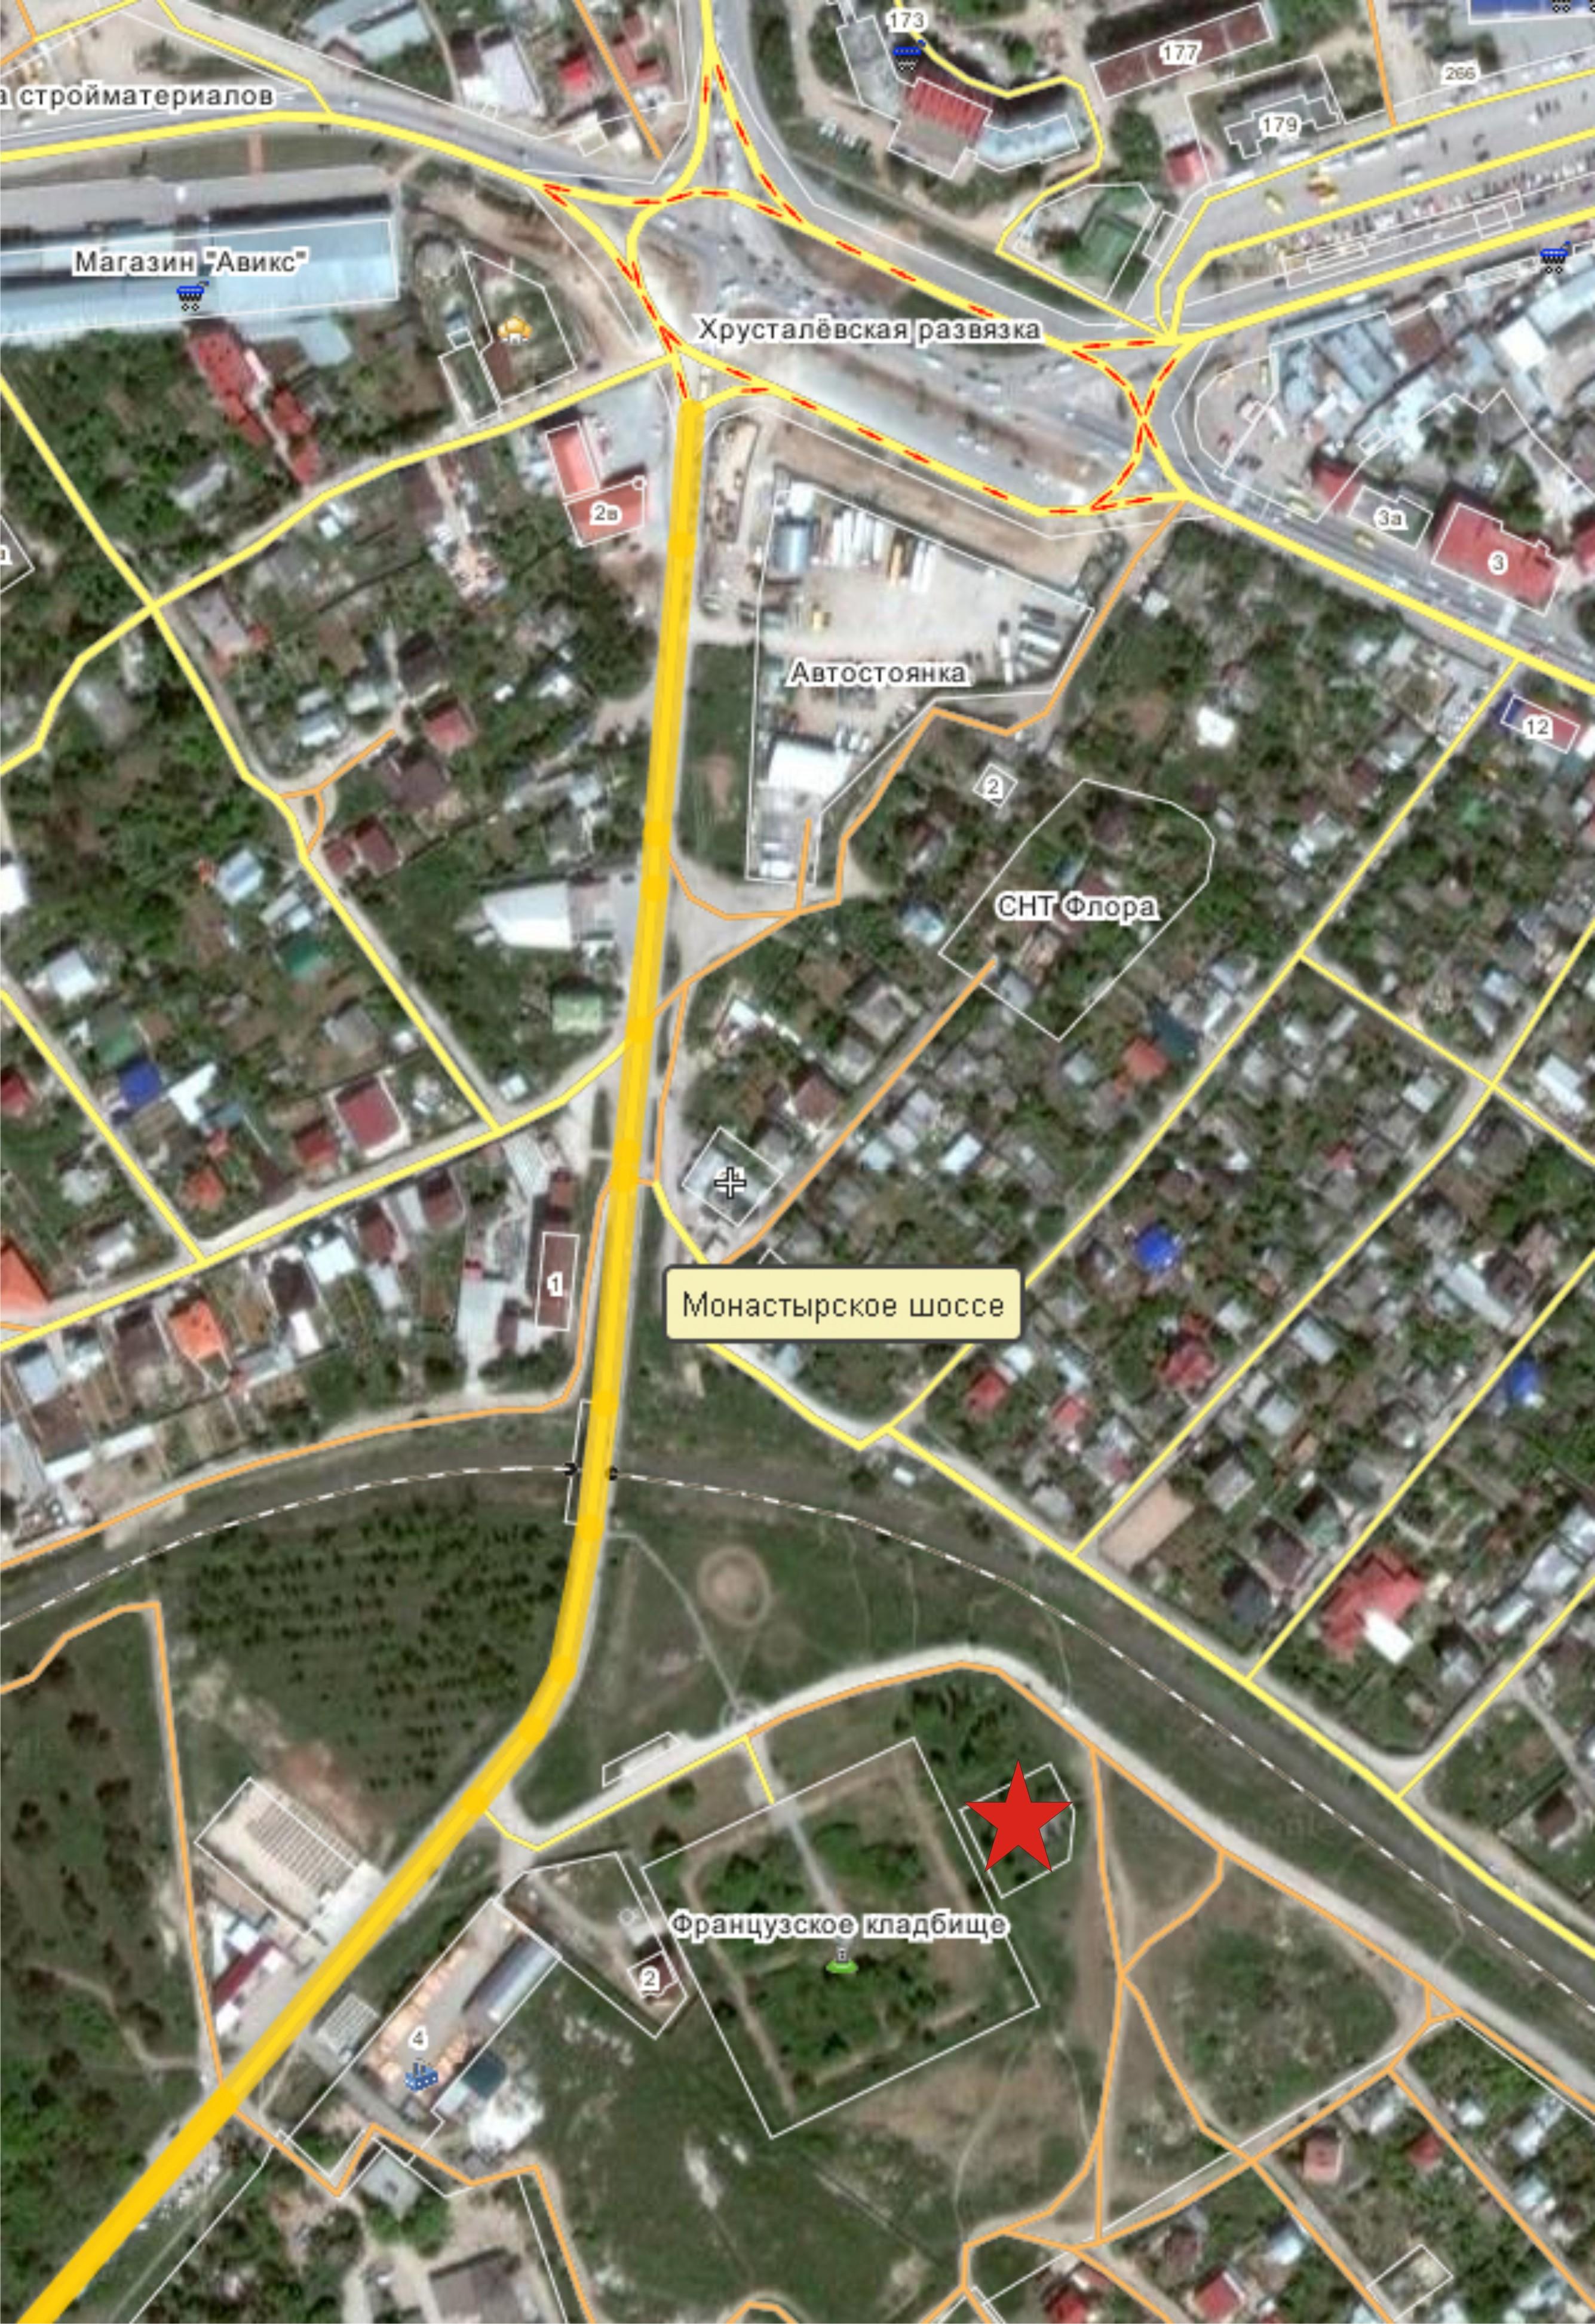 Схема месторасположения